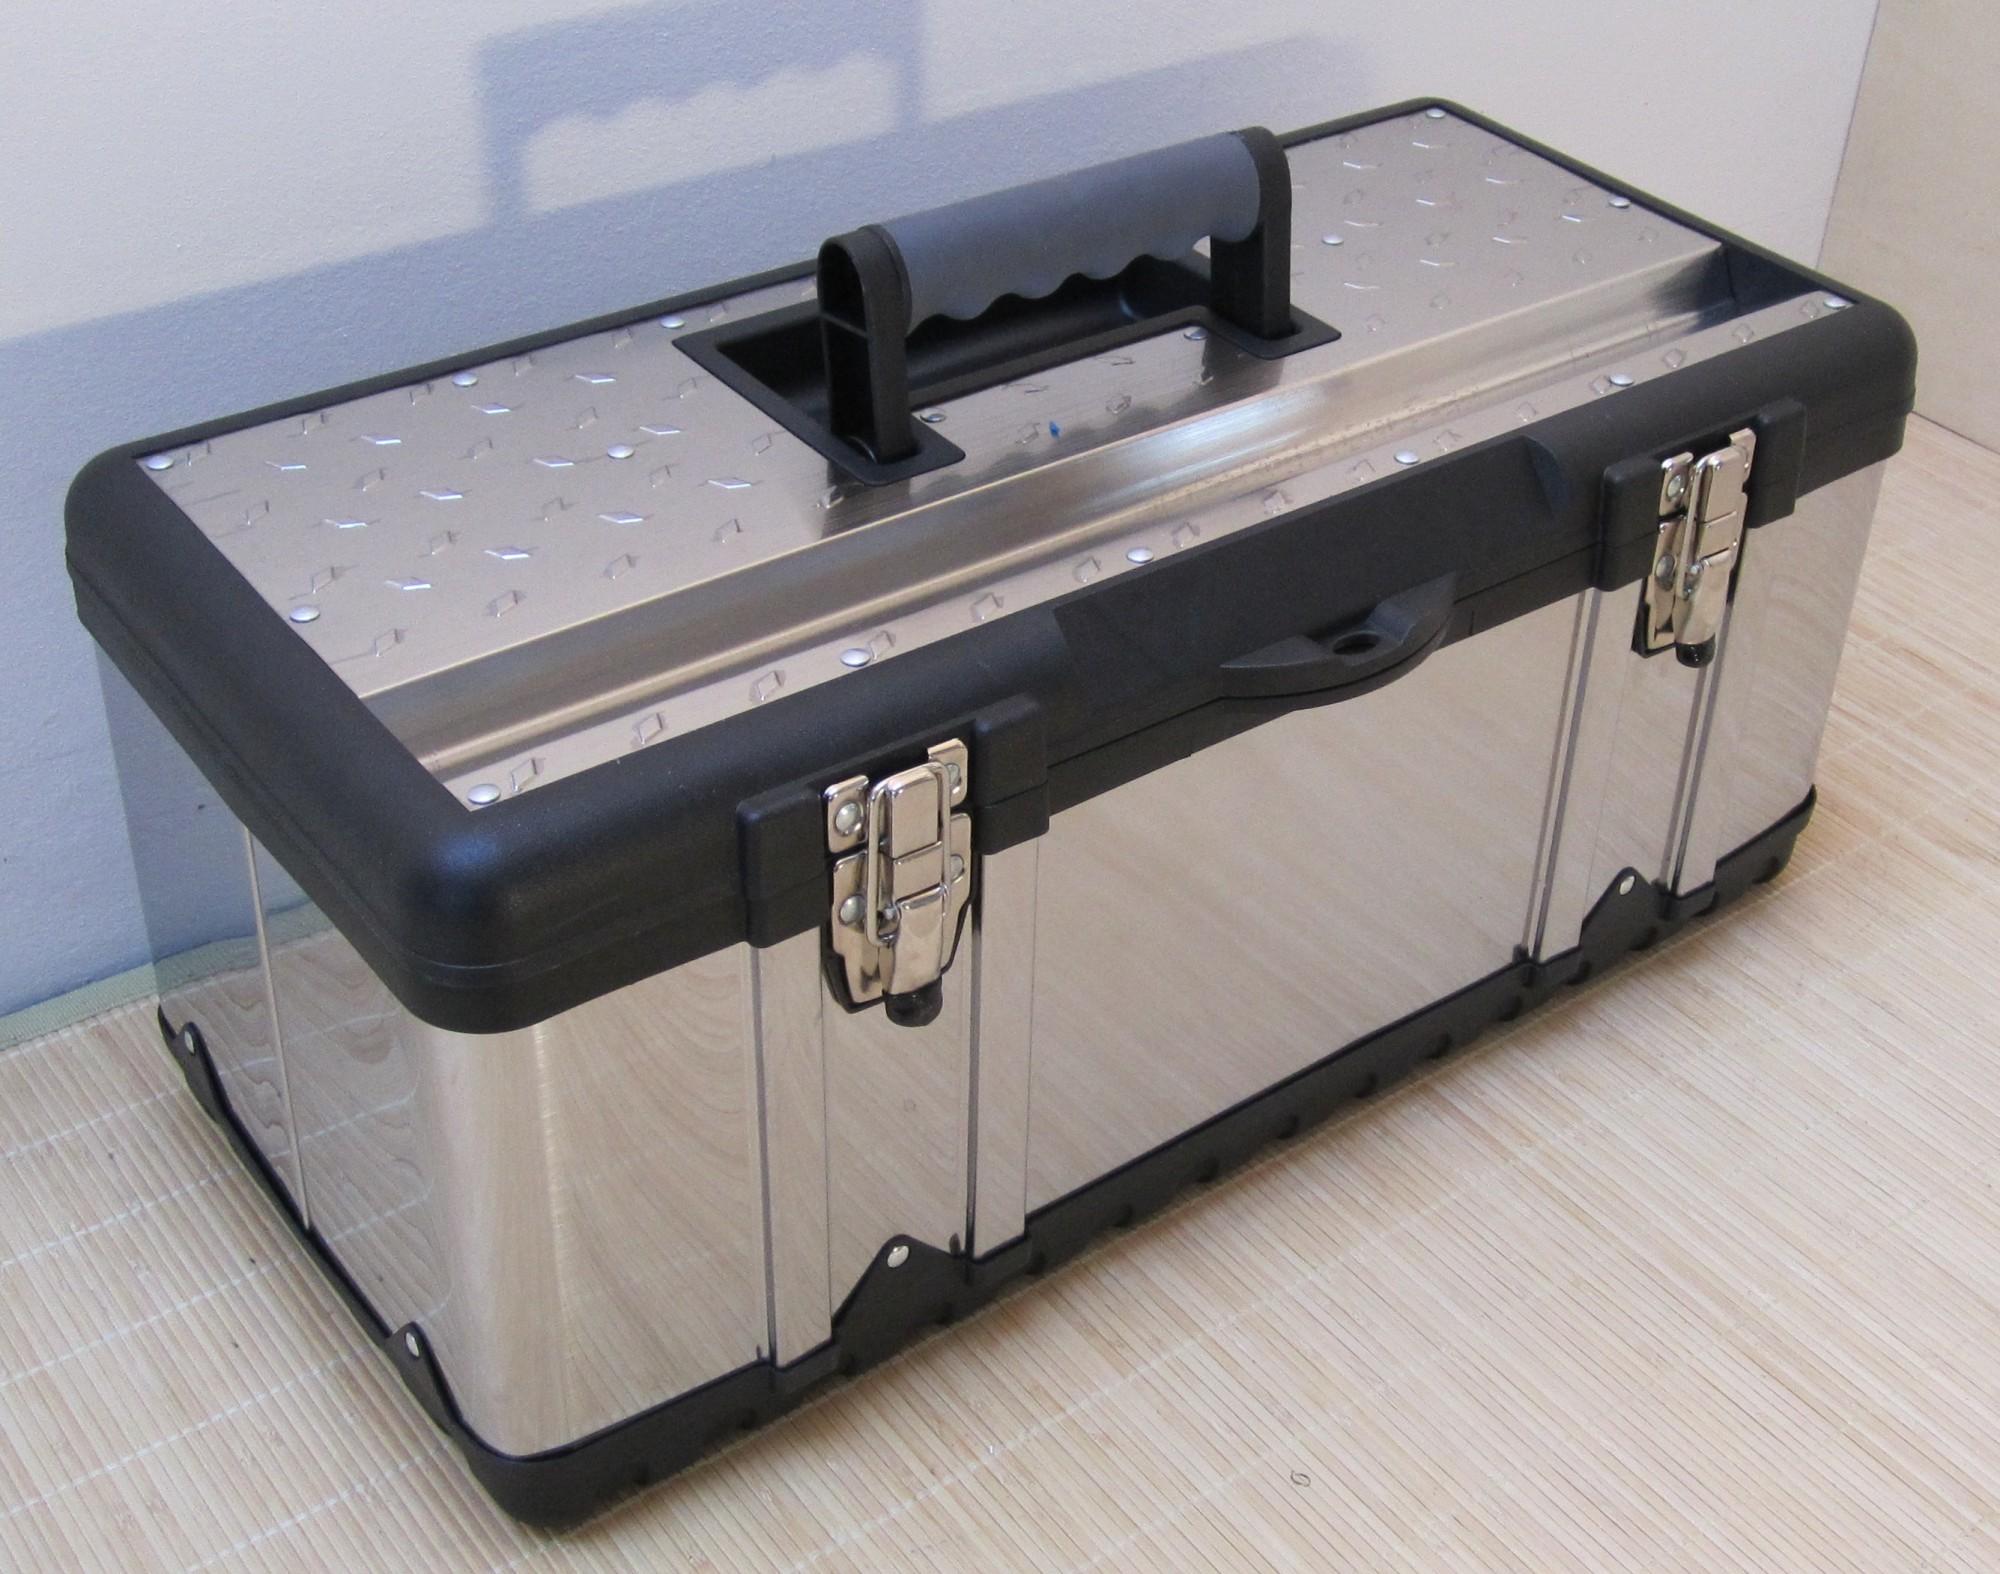 xxl werkzeugkasten werkzeug box kiste kasten edelstahl type 302xxl werkzeugkisten. Black Bedroom Furniture Sets. Home Design Ideas